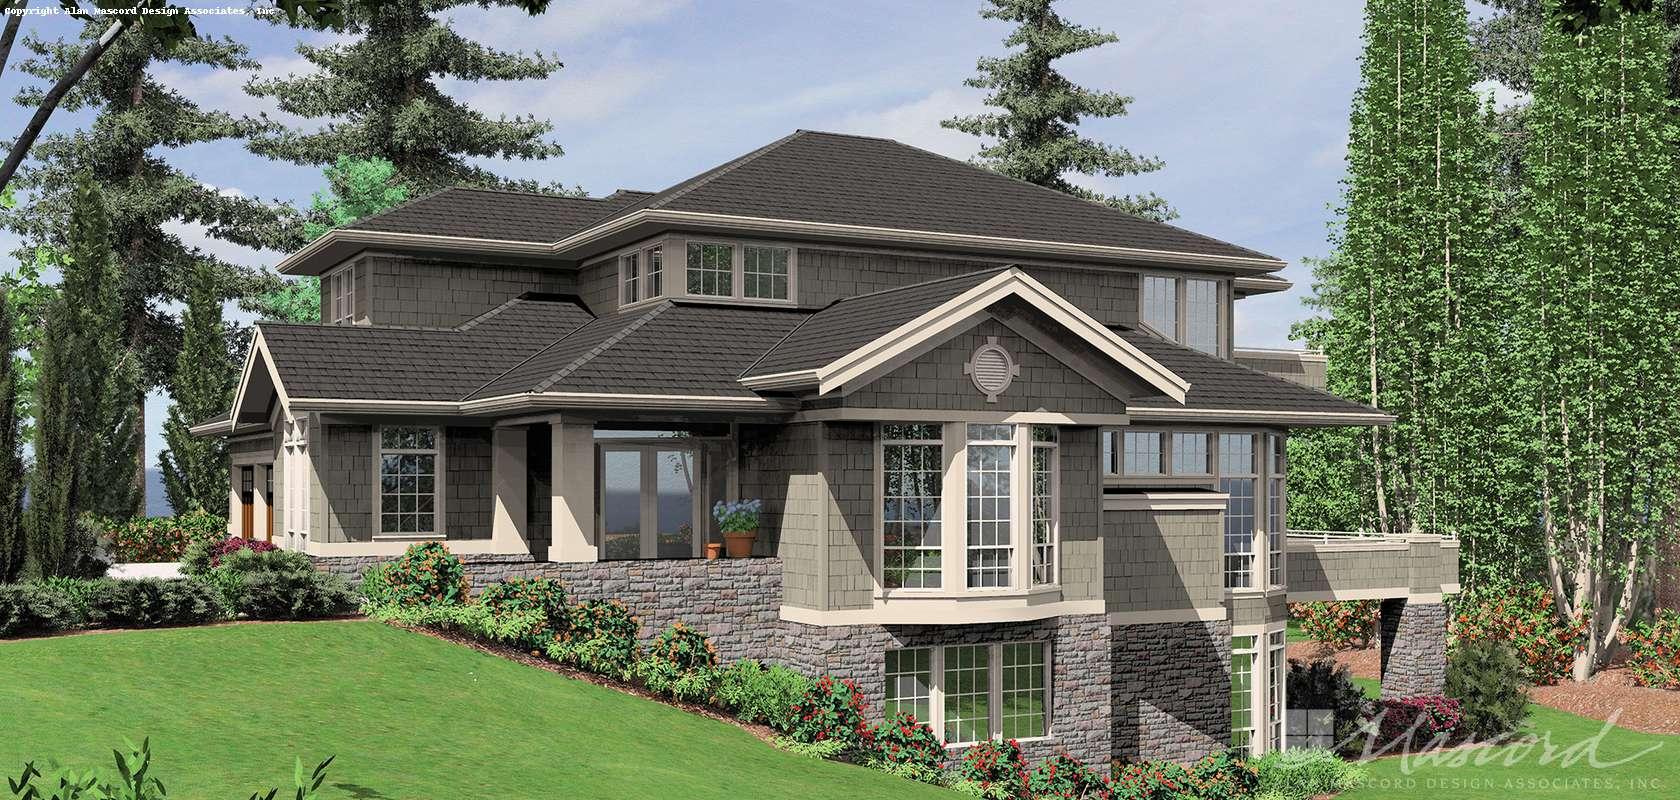 Mascord House Plan 2423: The Mendon